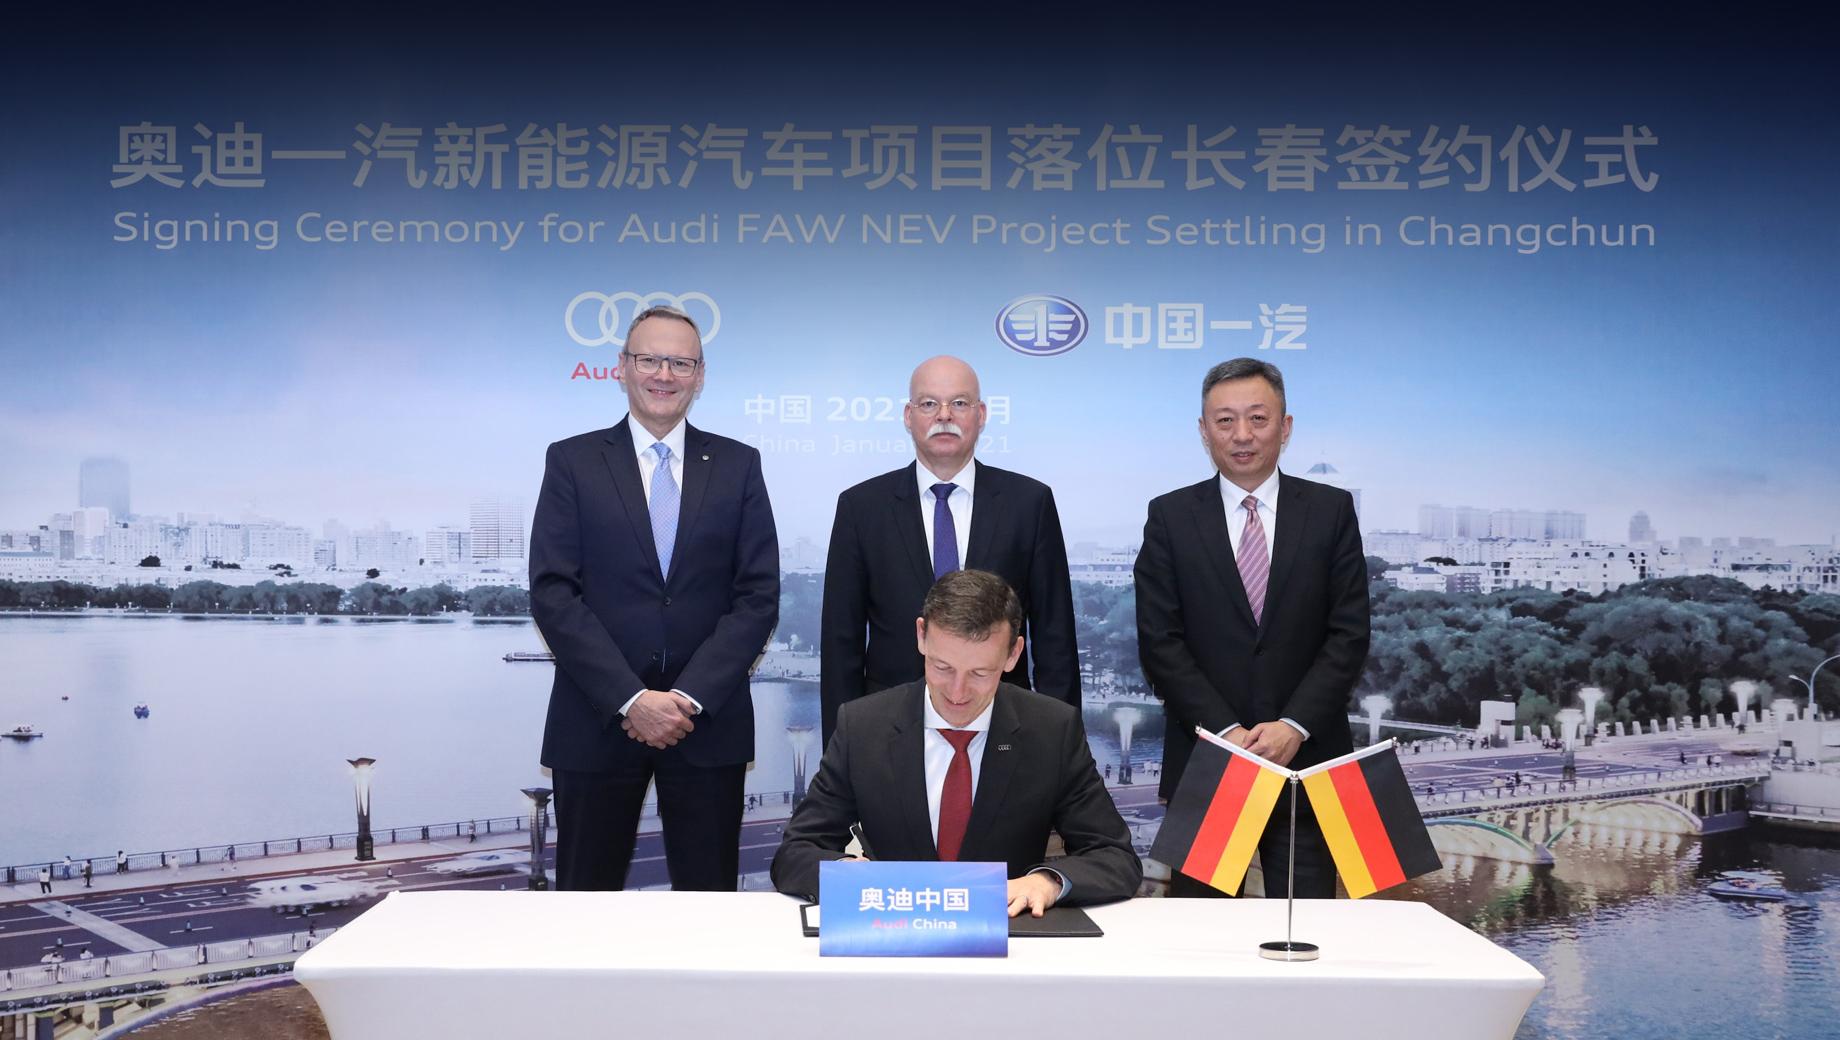 Audi -faw,Faw audi-. Слева направо: гендиректор Volkswagen Group China Стефан Вёлленштайн, посол Германии в Китае Клеменс фон Гётце, исполнительный вице-президент Volkswagen Group China Лю Юньфэн. За столом — президент Audi China Вернер Айхгорн.